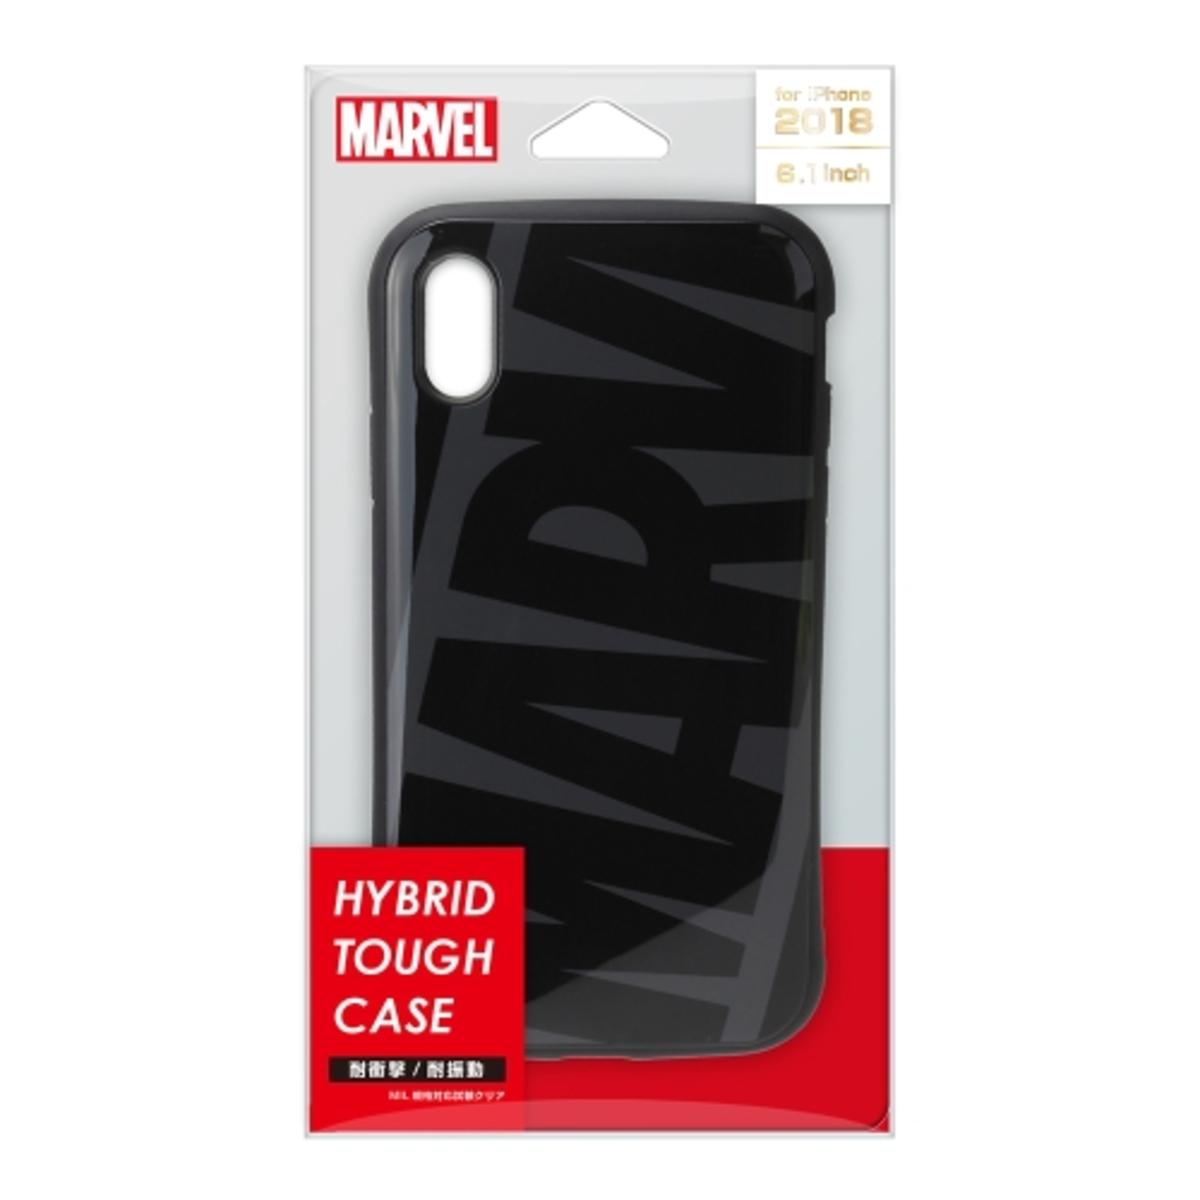 迪士尼 Marvel 防撞耐震 手機保護殼 DCS506MVL